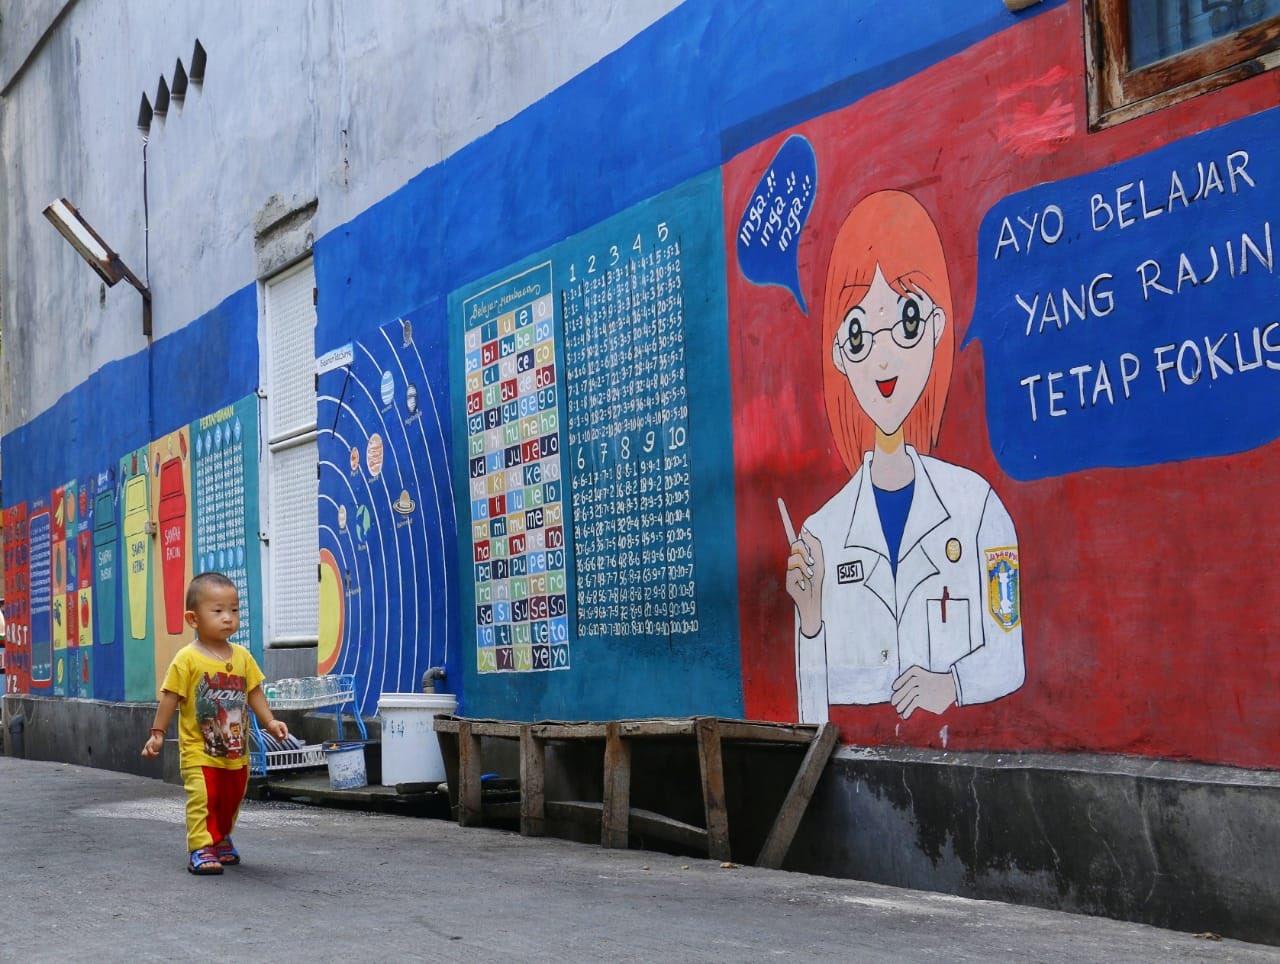 Tito Sebut Jakarta Kampung, Anies Balas dengan Kalimat Halus yang Ngena Banget